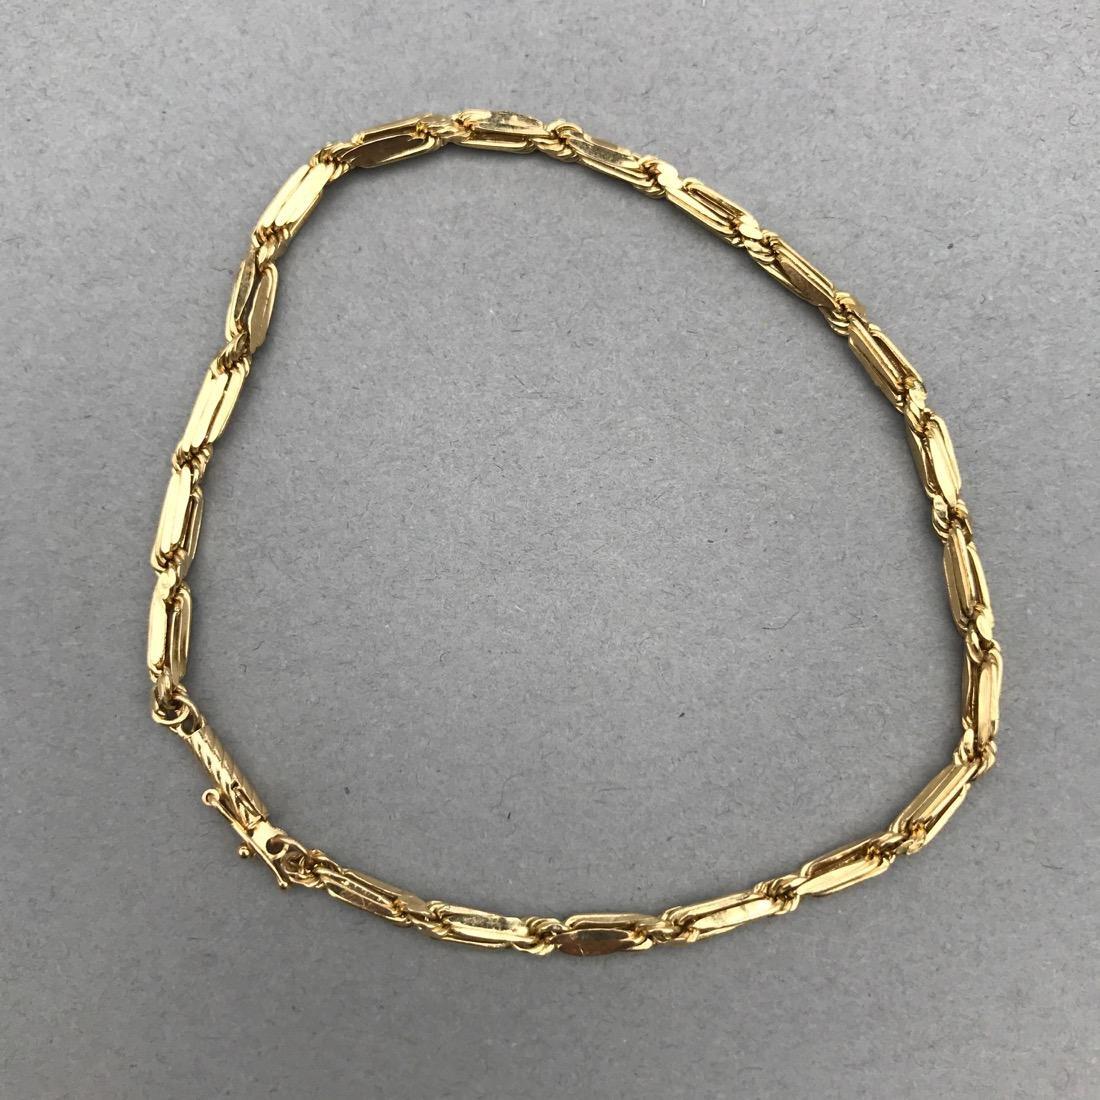 2 14K Gold Bracelets - 5